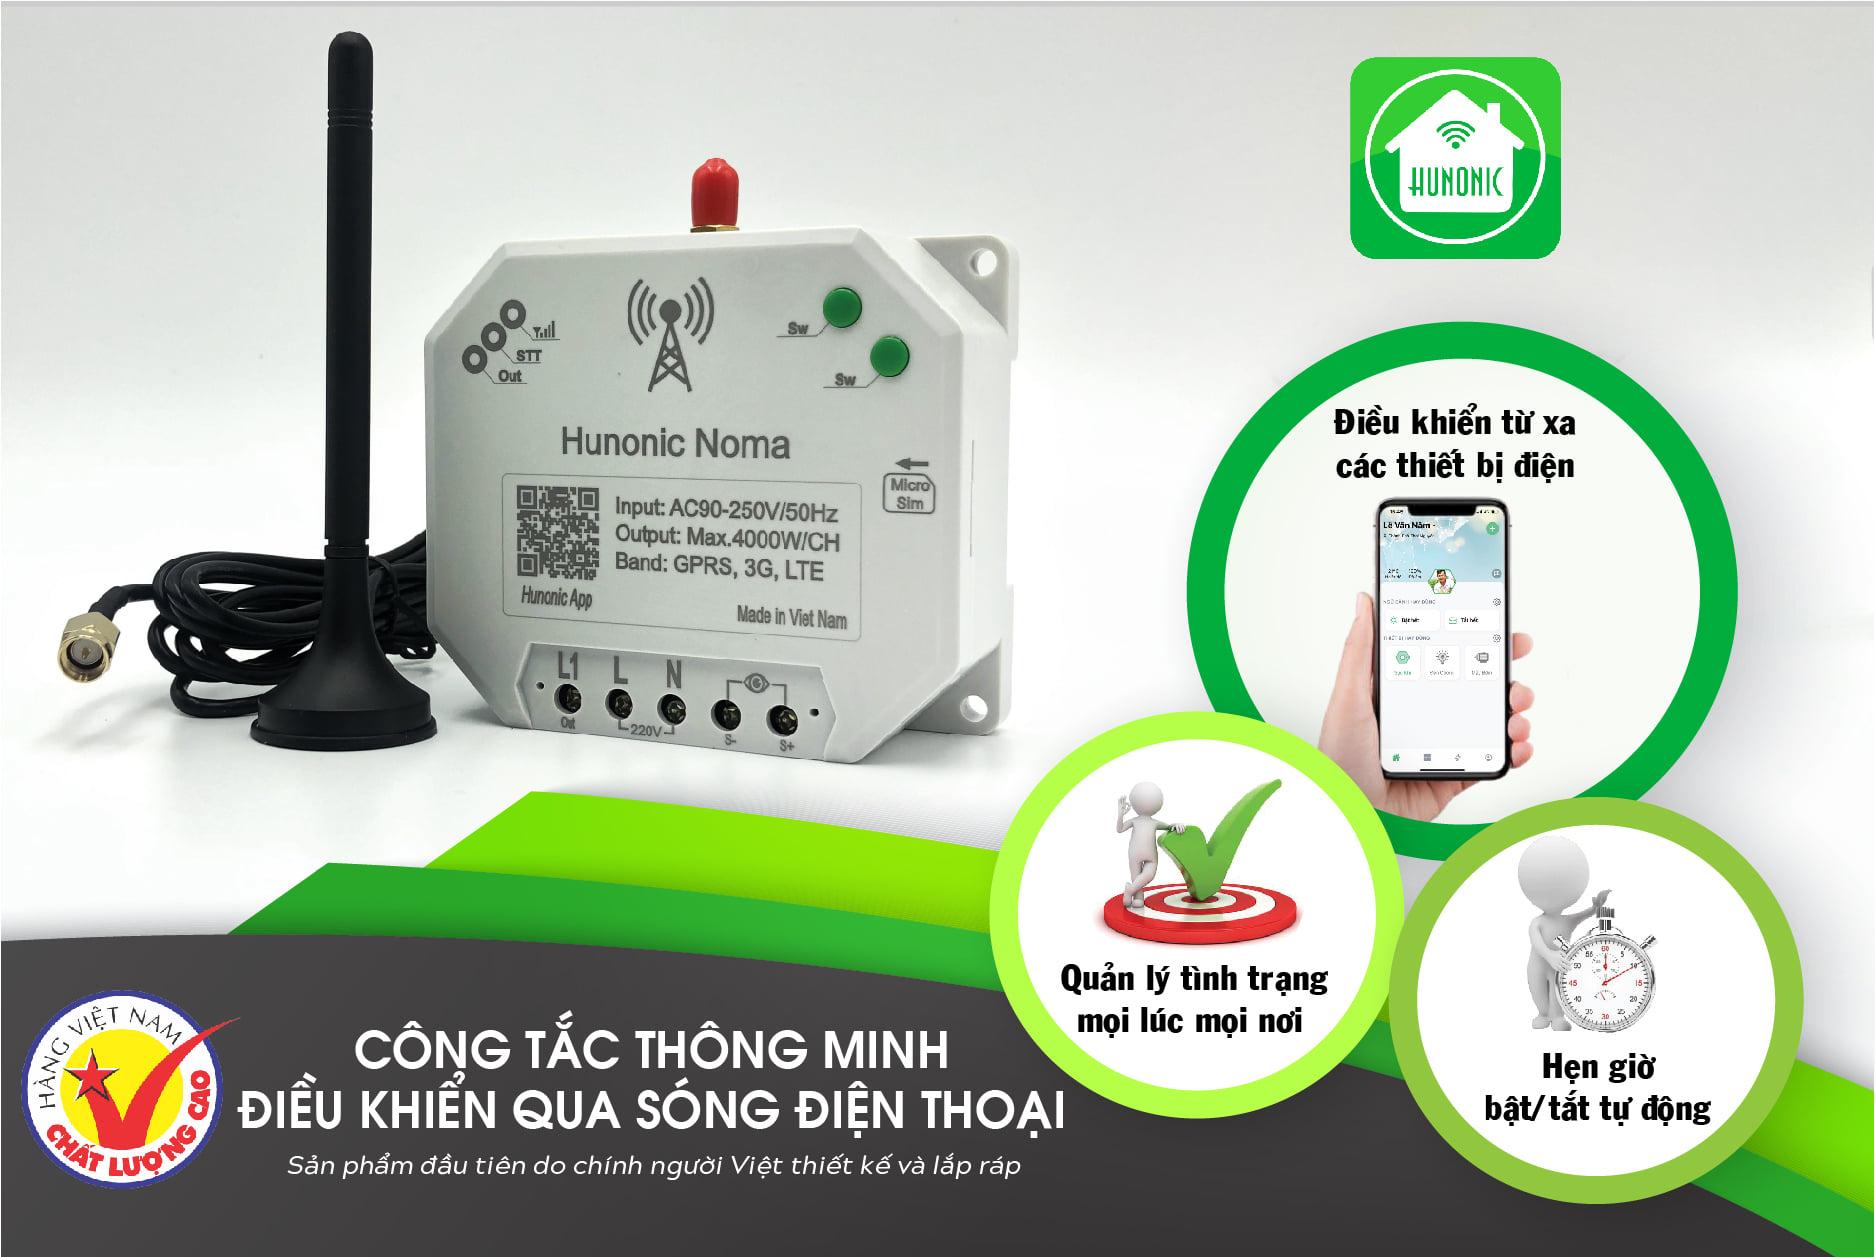 Công tắc thông minh Hunonic Noma Điều khiển mọi thiết bị từ xa qua điện thoại dùng sim- Hàng Việt Nam Chất Lượng Cao 6